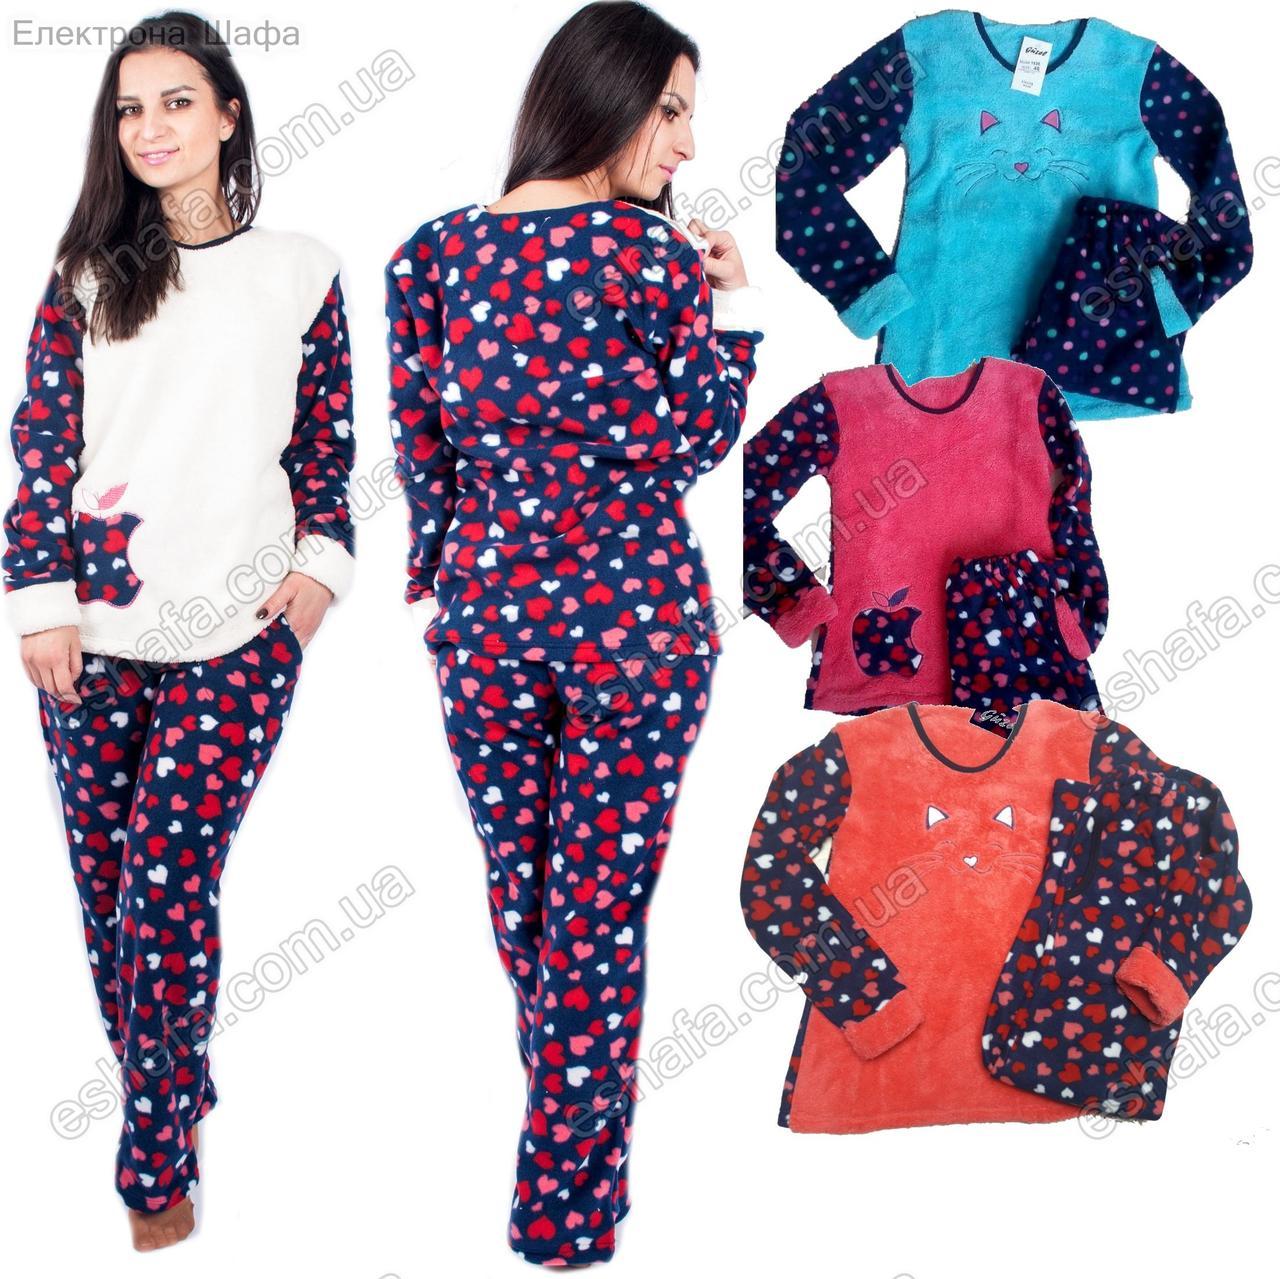 3a2af8caaa698 Женская махрово-флисовая пижама 44-50 размер - разный цвета: продажа ...